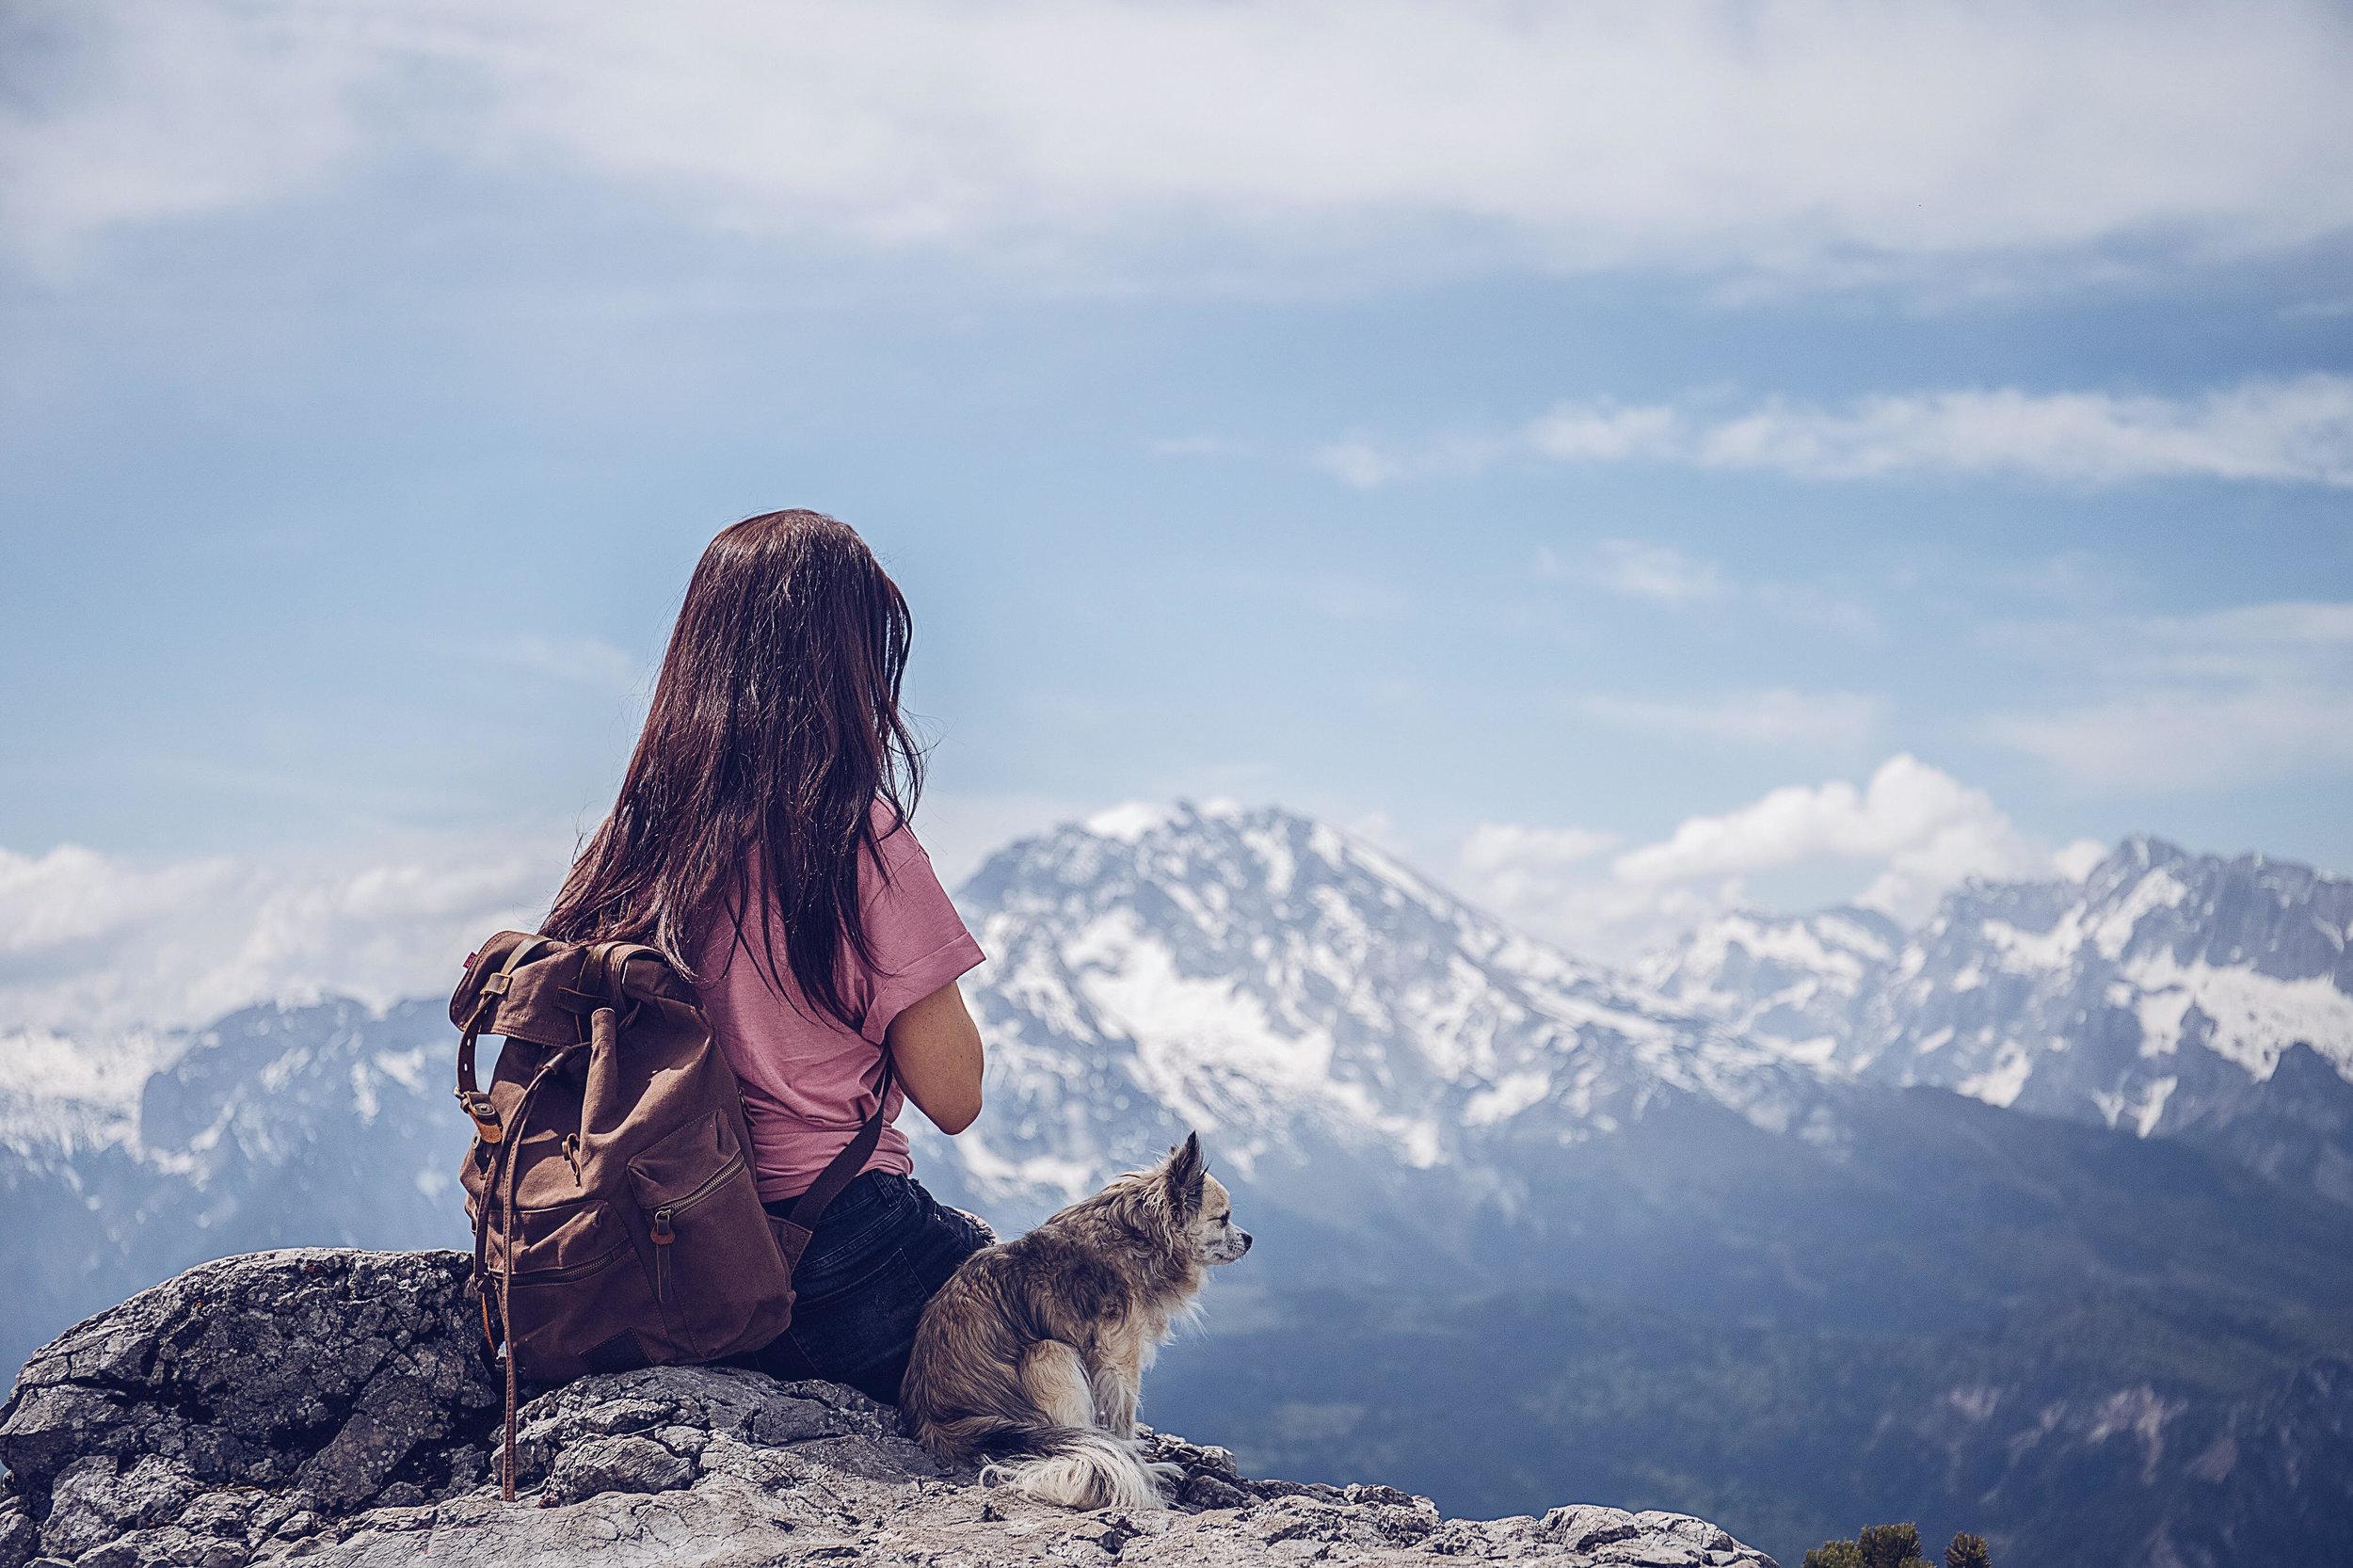 JenniferSpurkFotografie - Berchtesgaden - Girl with dog in mountains